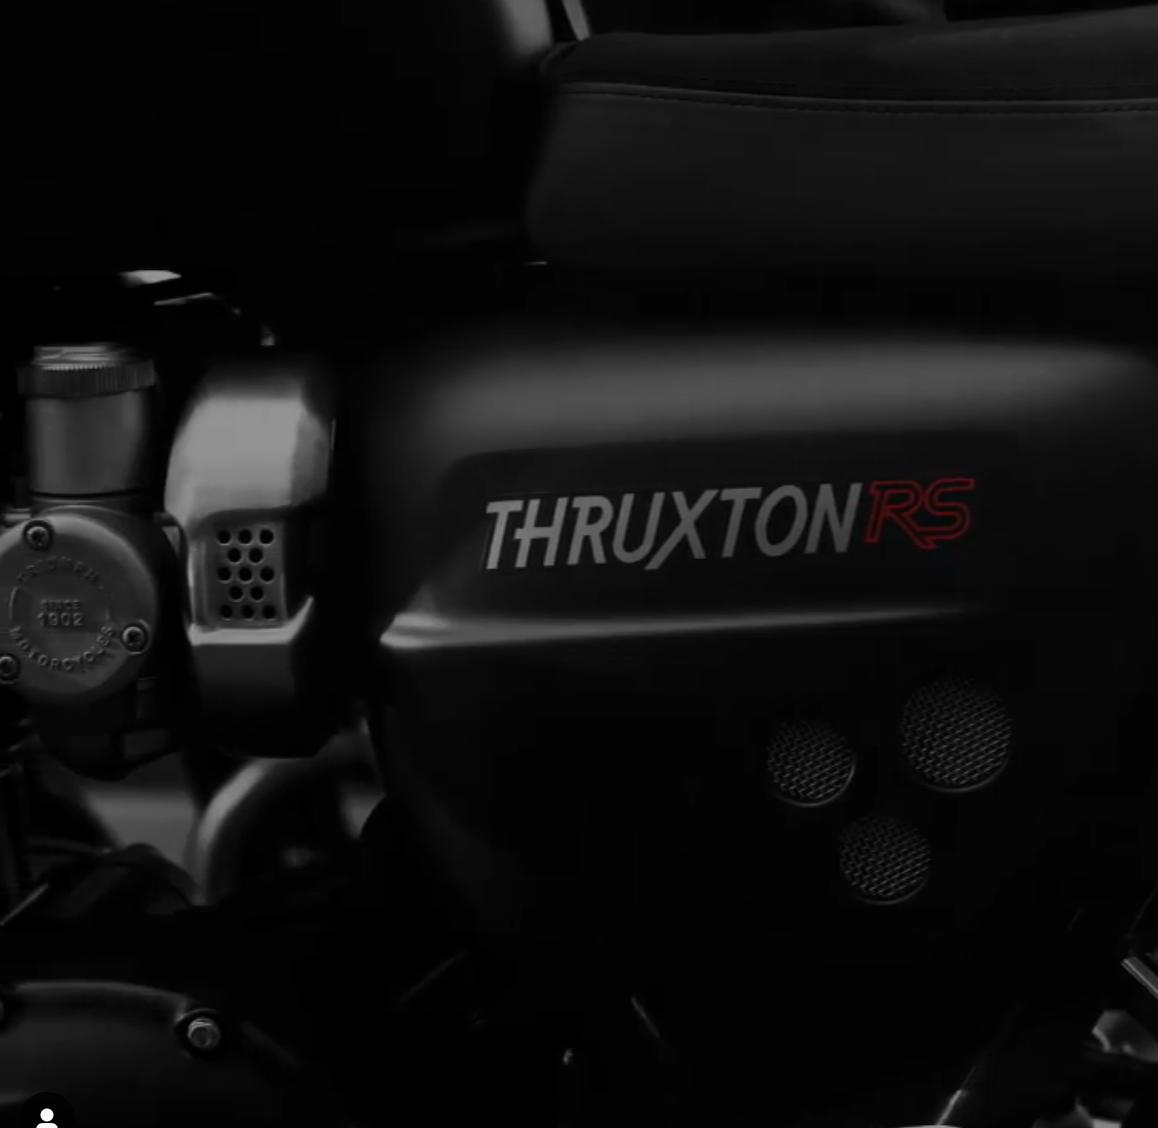 New Triumph Thruxton RS